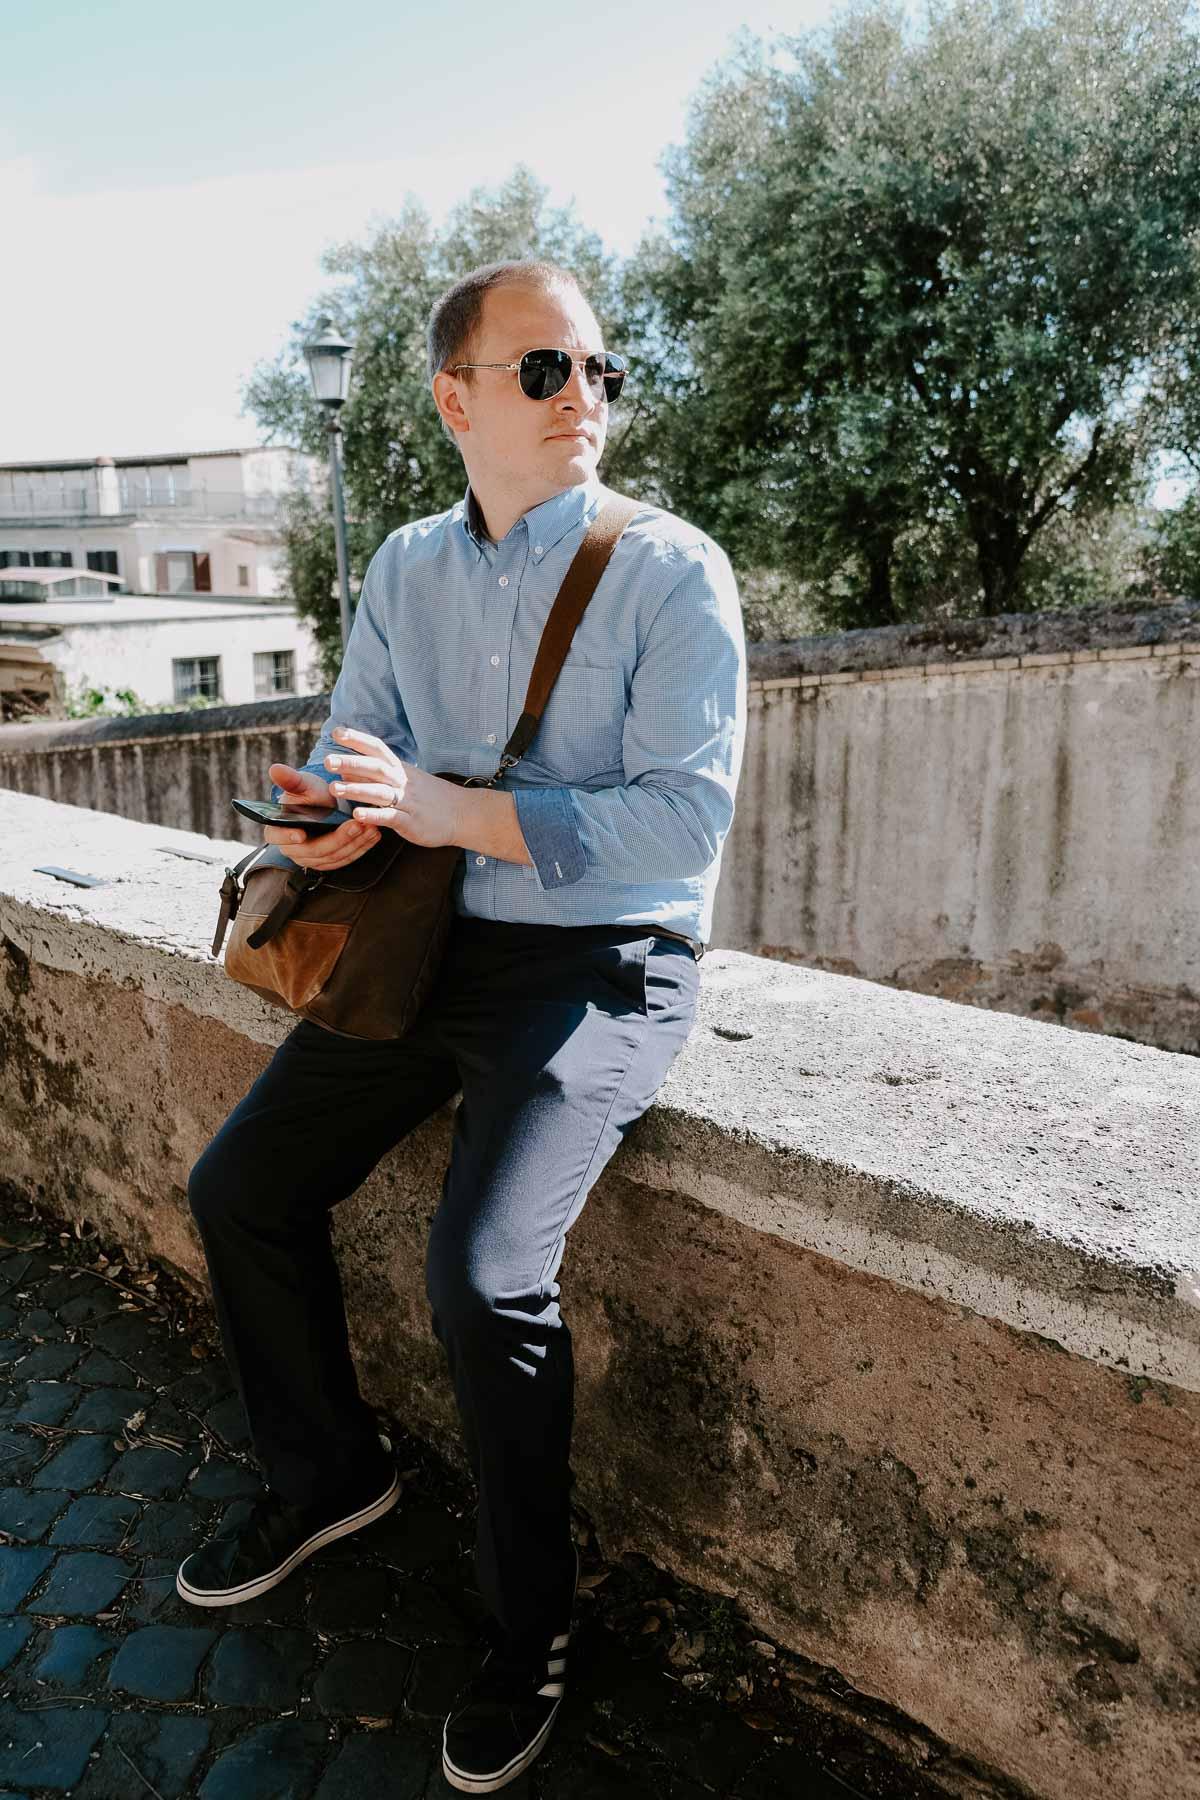 ef7d28524552c7 Jeans Shirt Boat Shoes – DACC